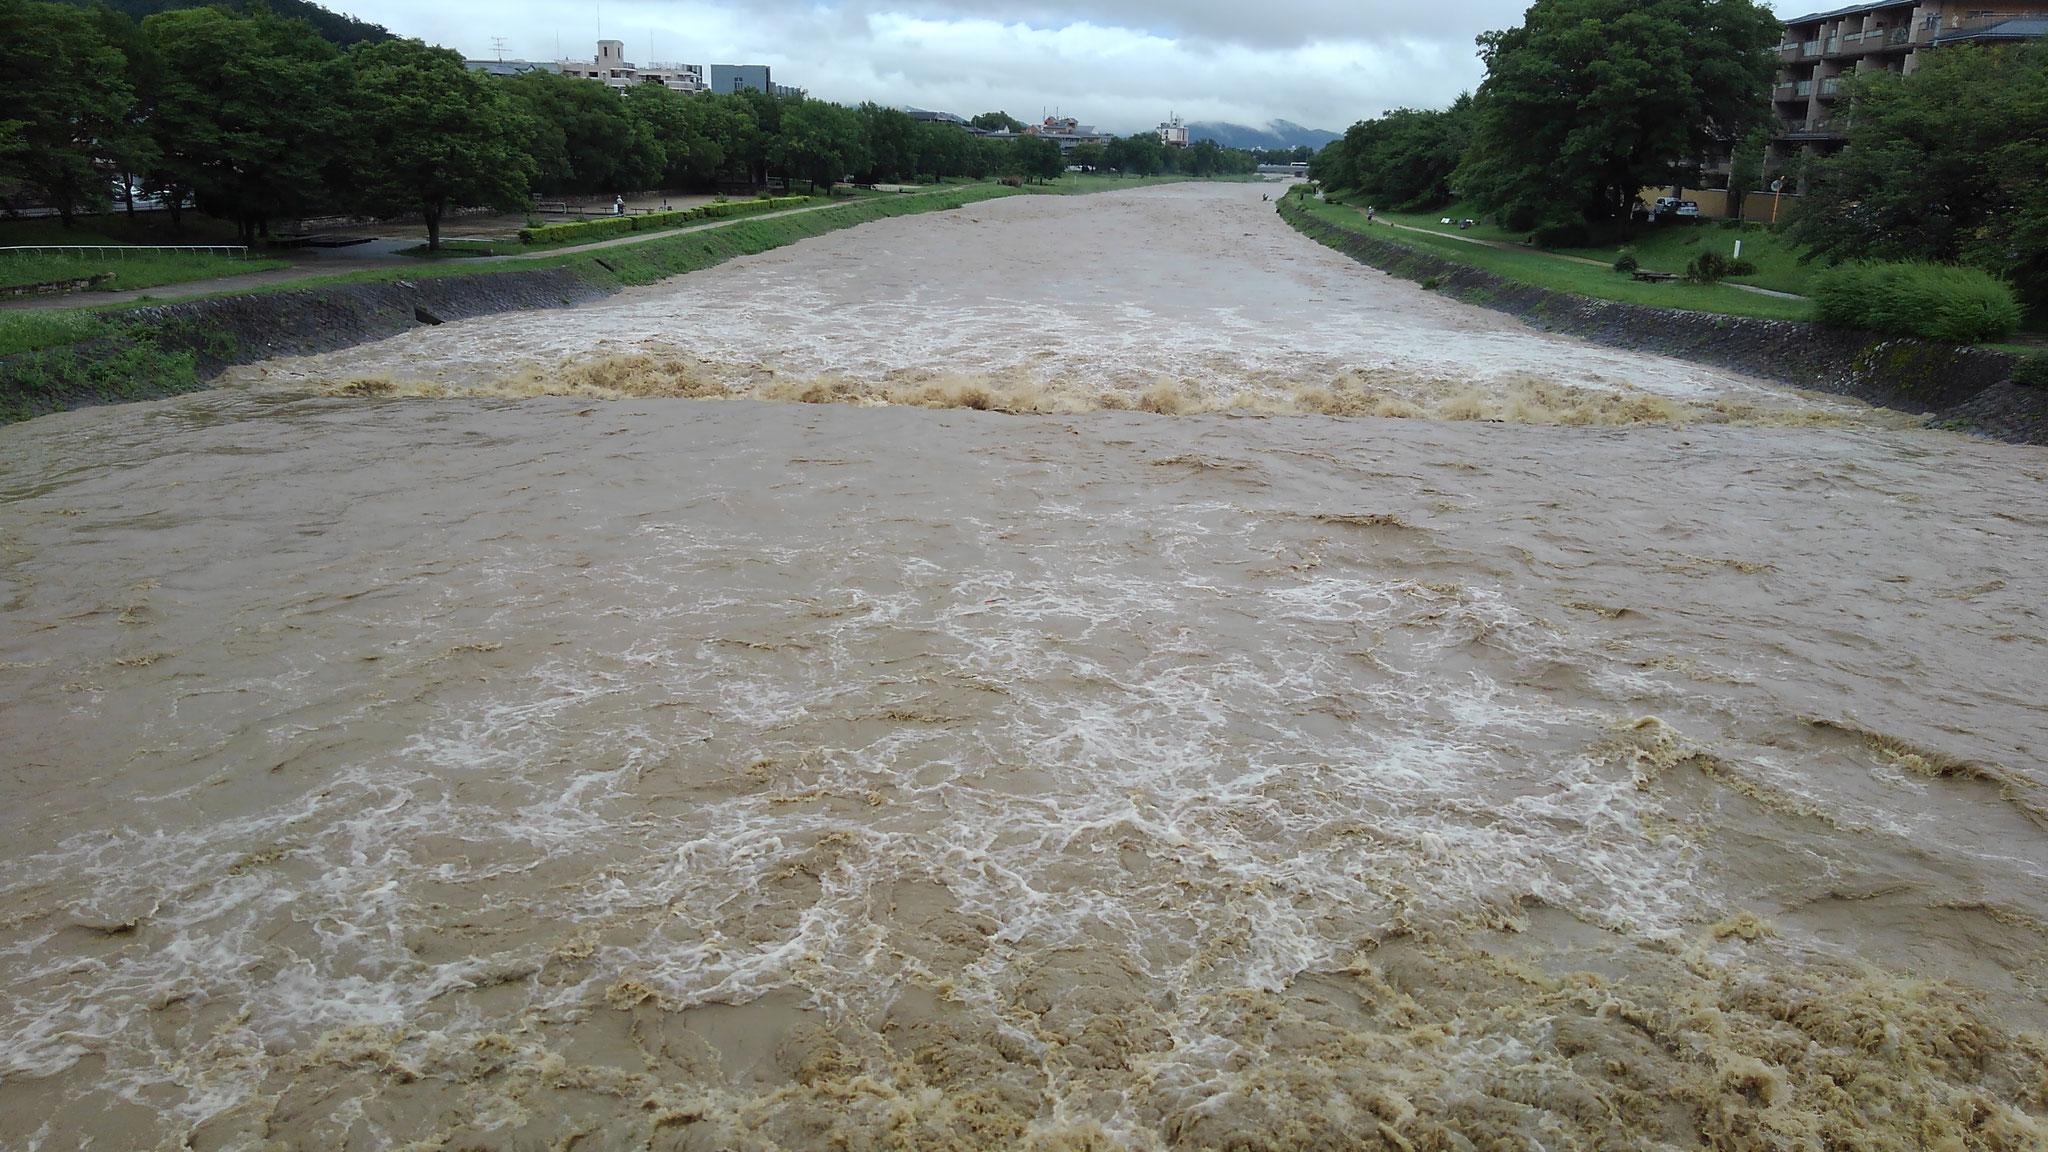 西賀茂橋より下流 2年前の豪雨より賀茂川の水位は1mほど低い